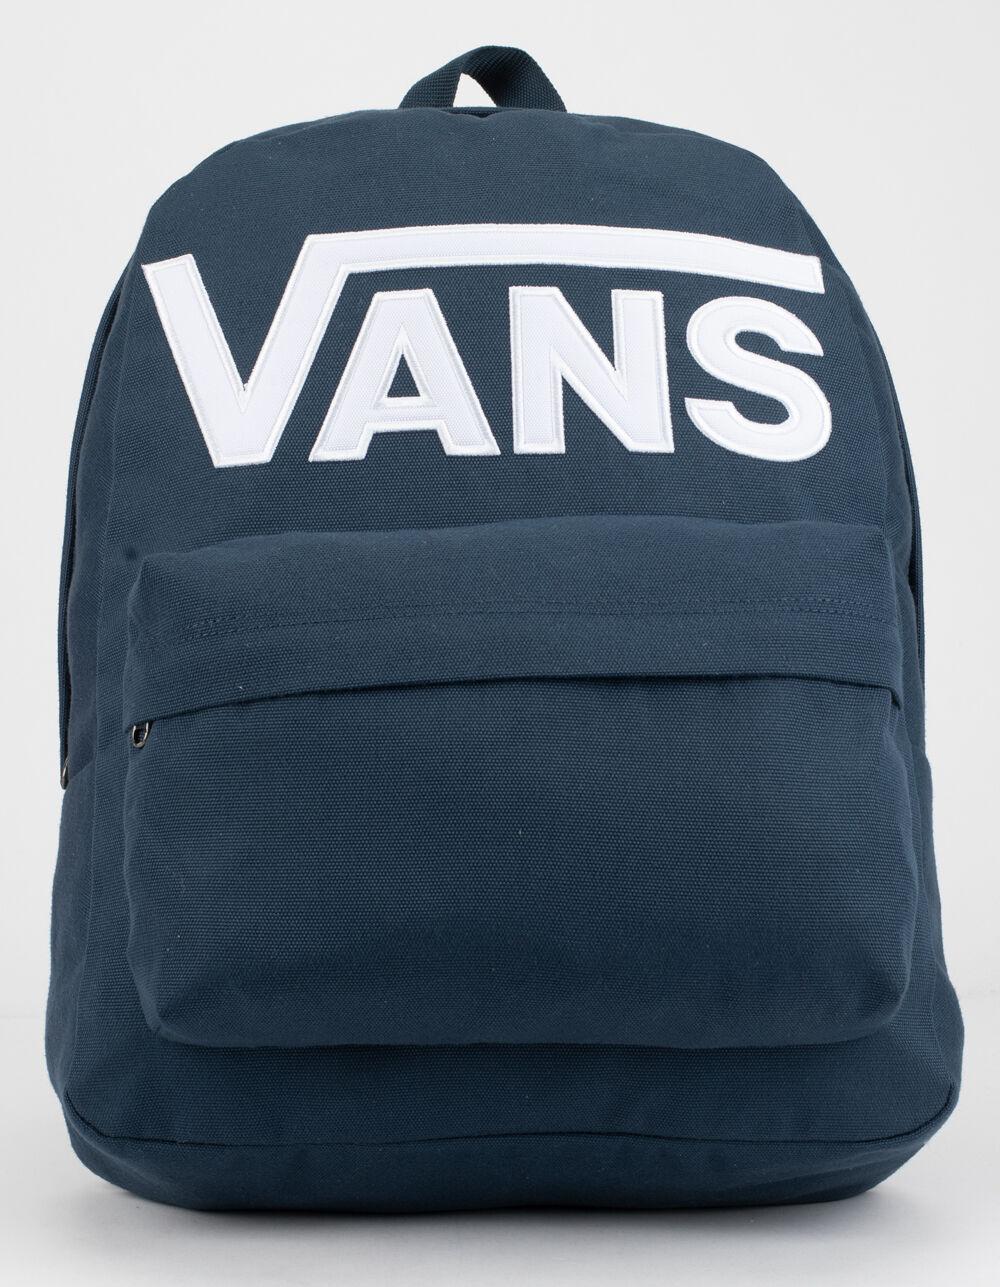 VANS Old Skool II Navy Backpack